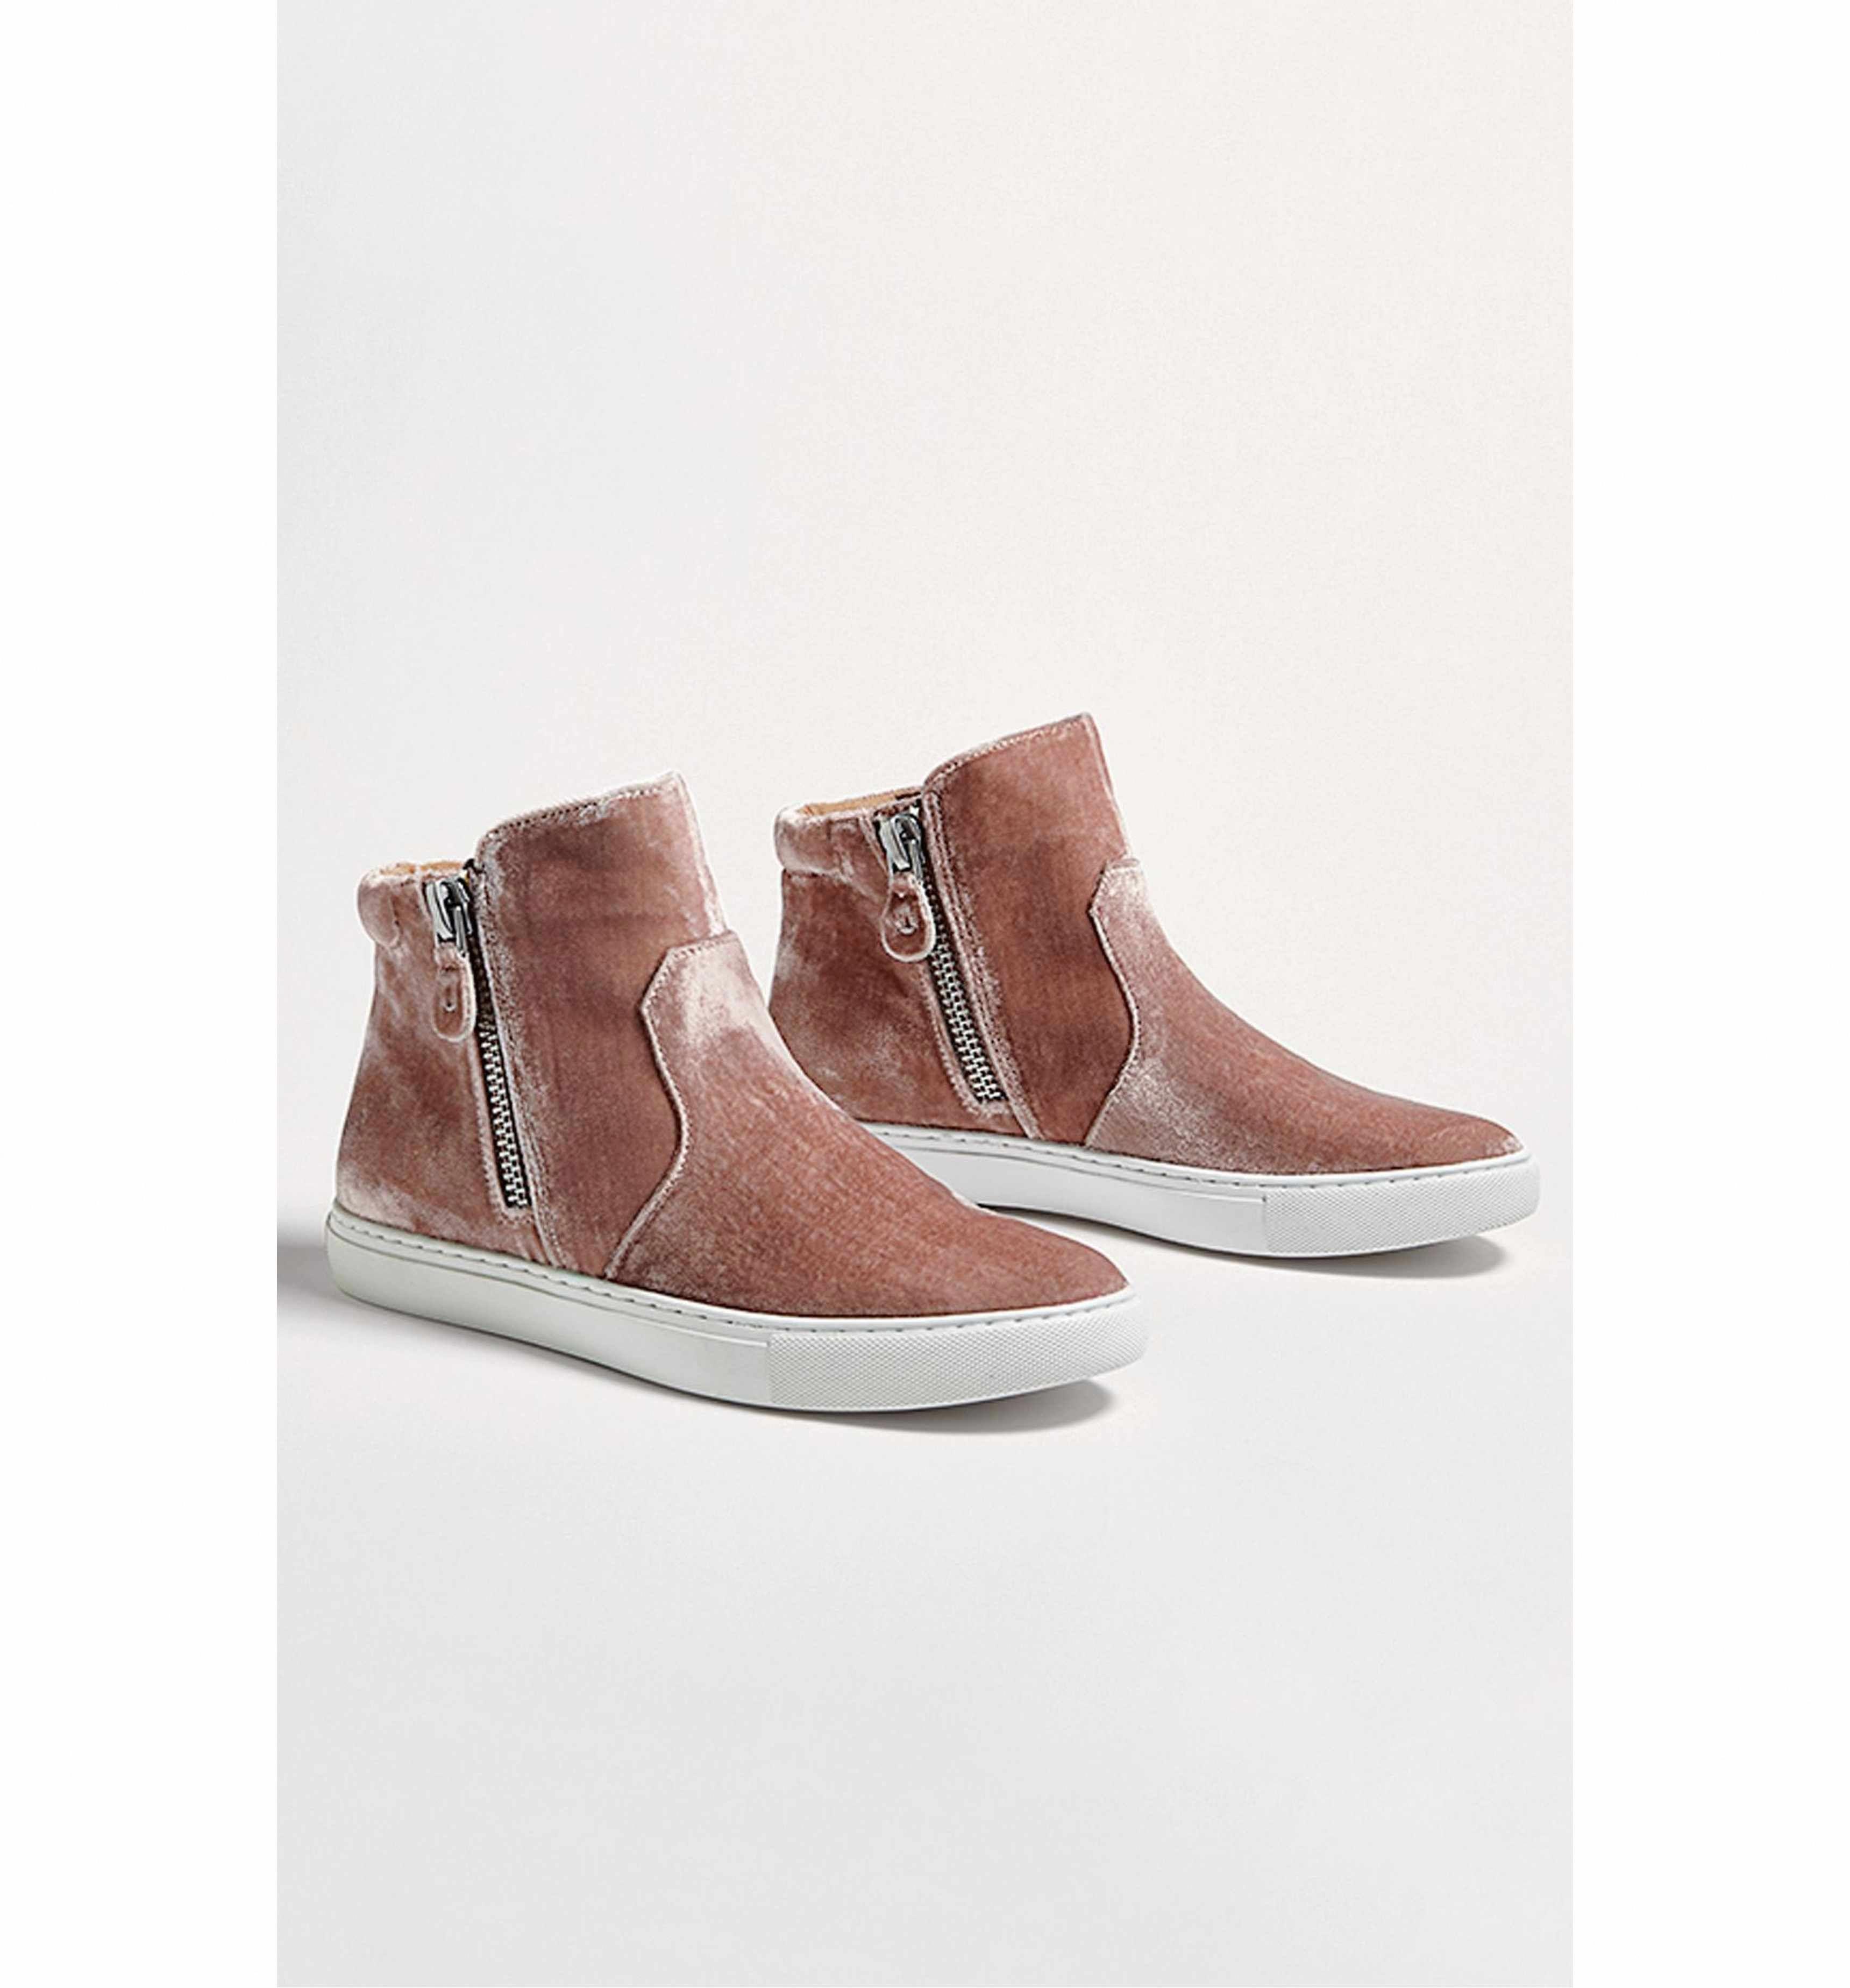 Big 5 Women S Shoes   Womens sneakers